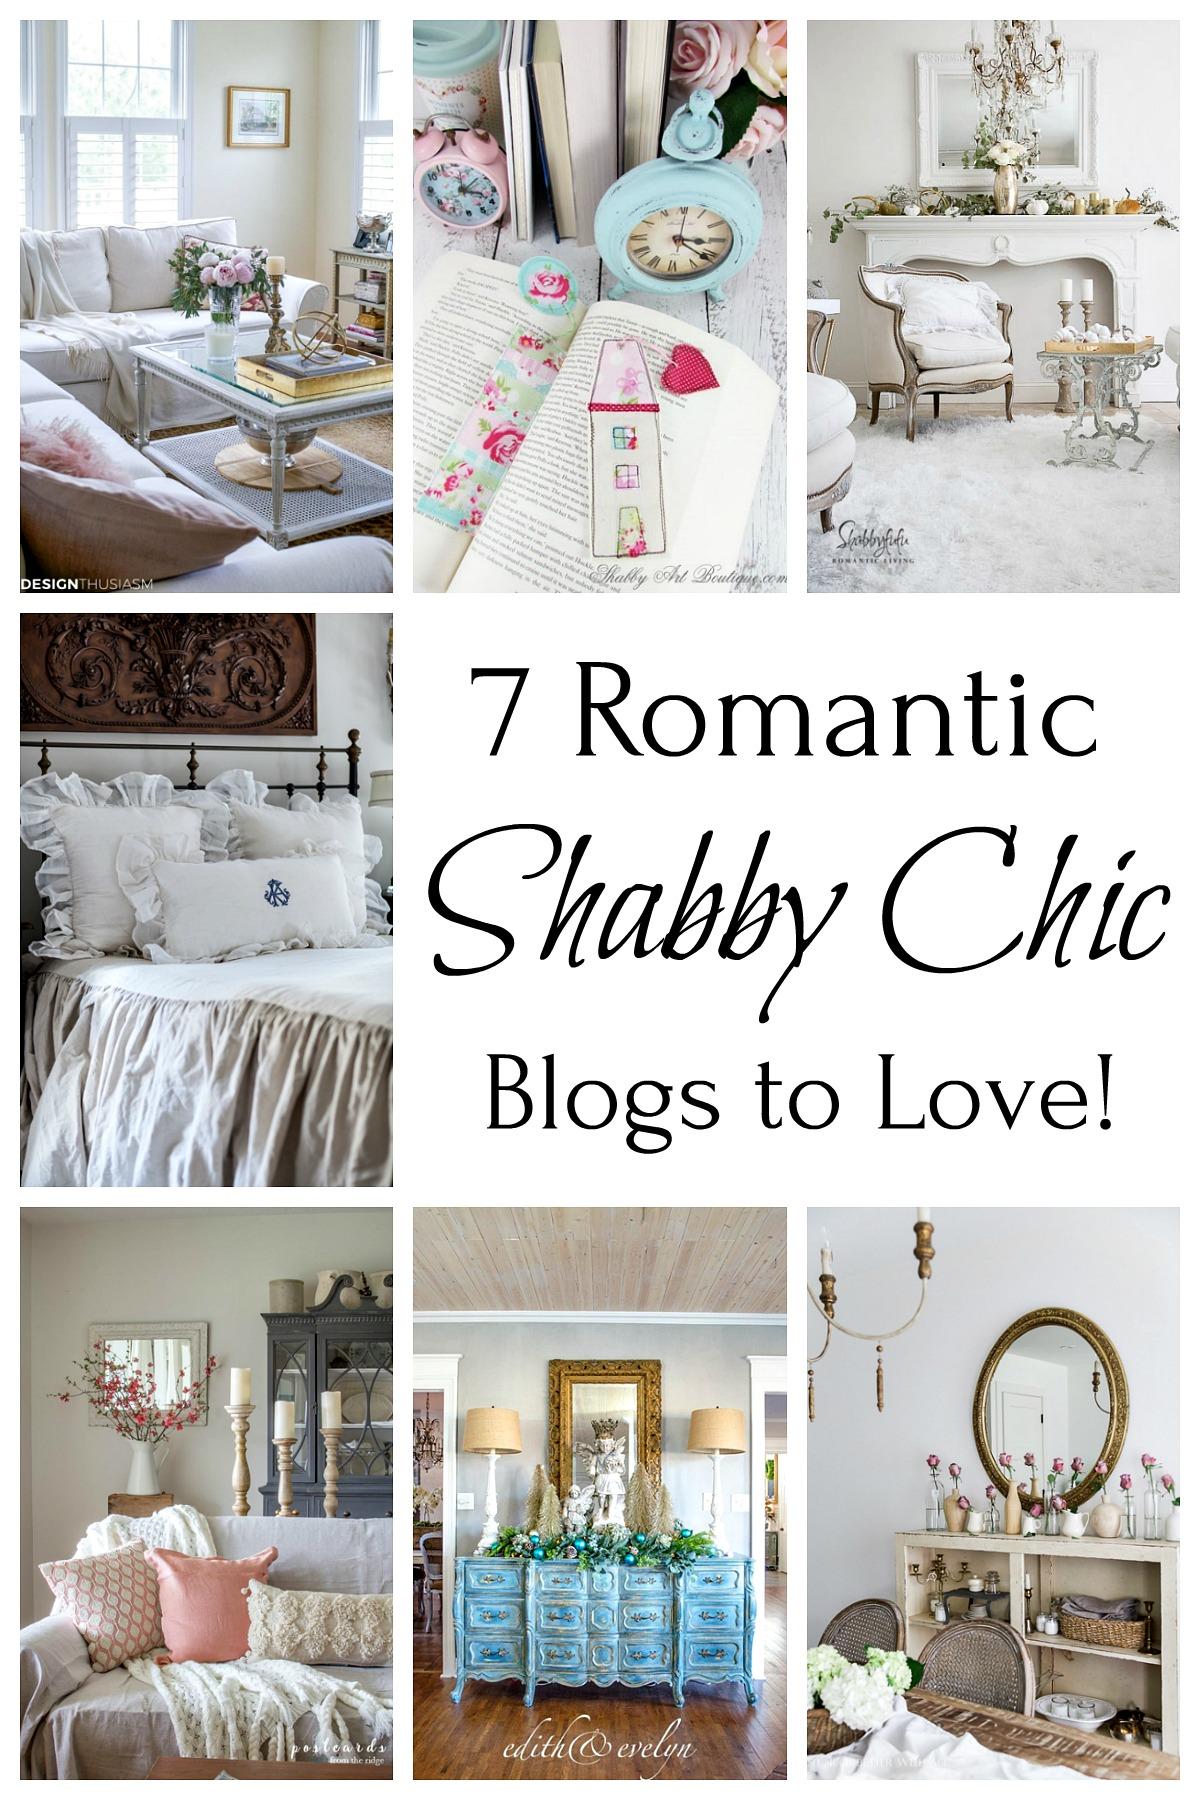 Partiamo da quella che è la più semplice delle domande: 7 Romantic Shabby Chic Blogs To Follow Town Country Living